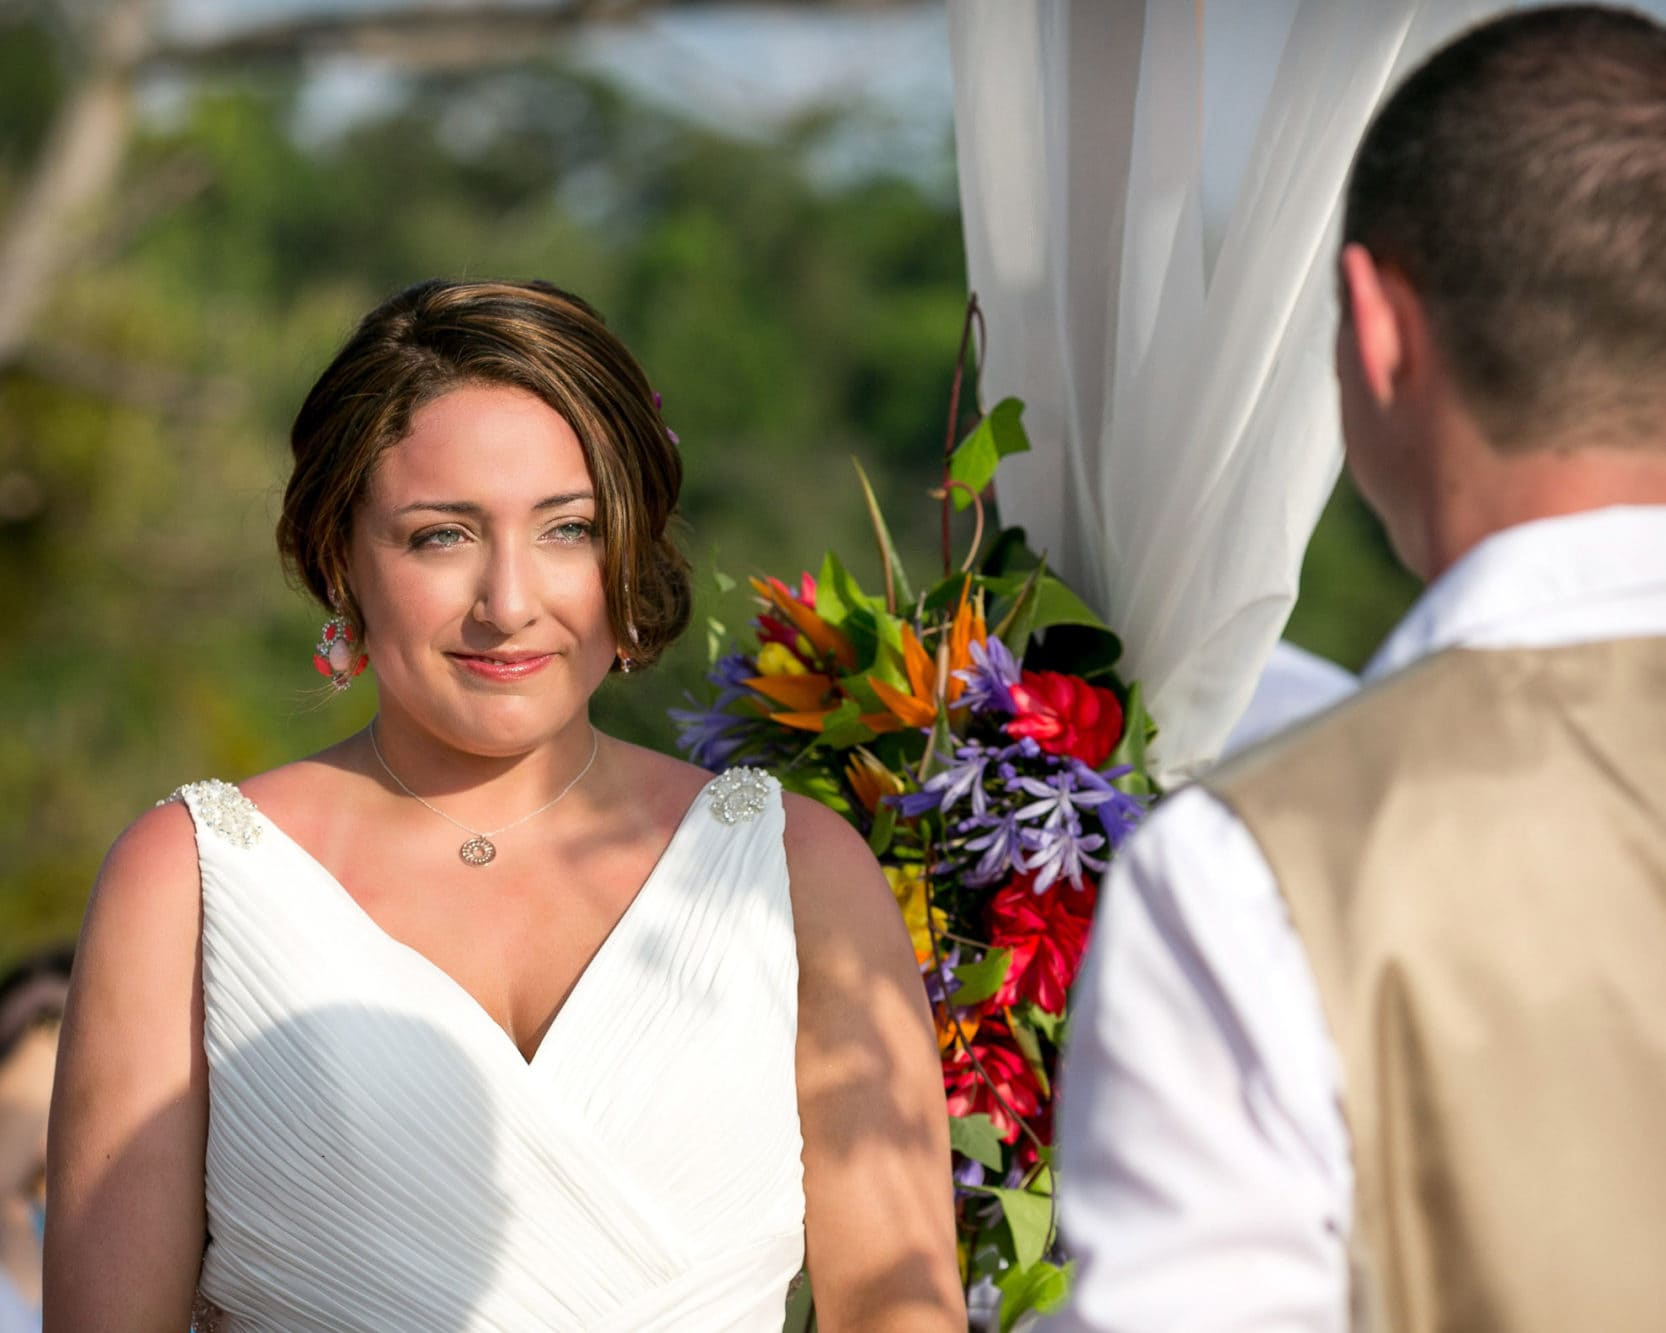 Bride looking at groom during wedding